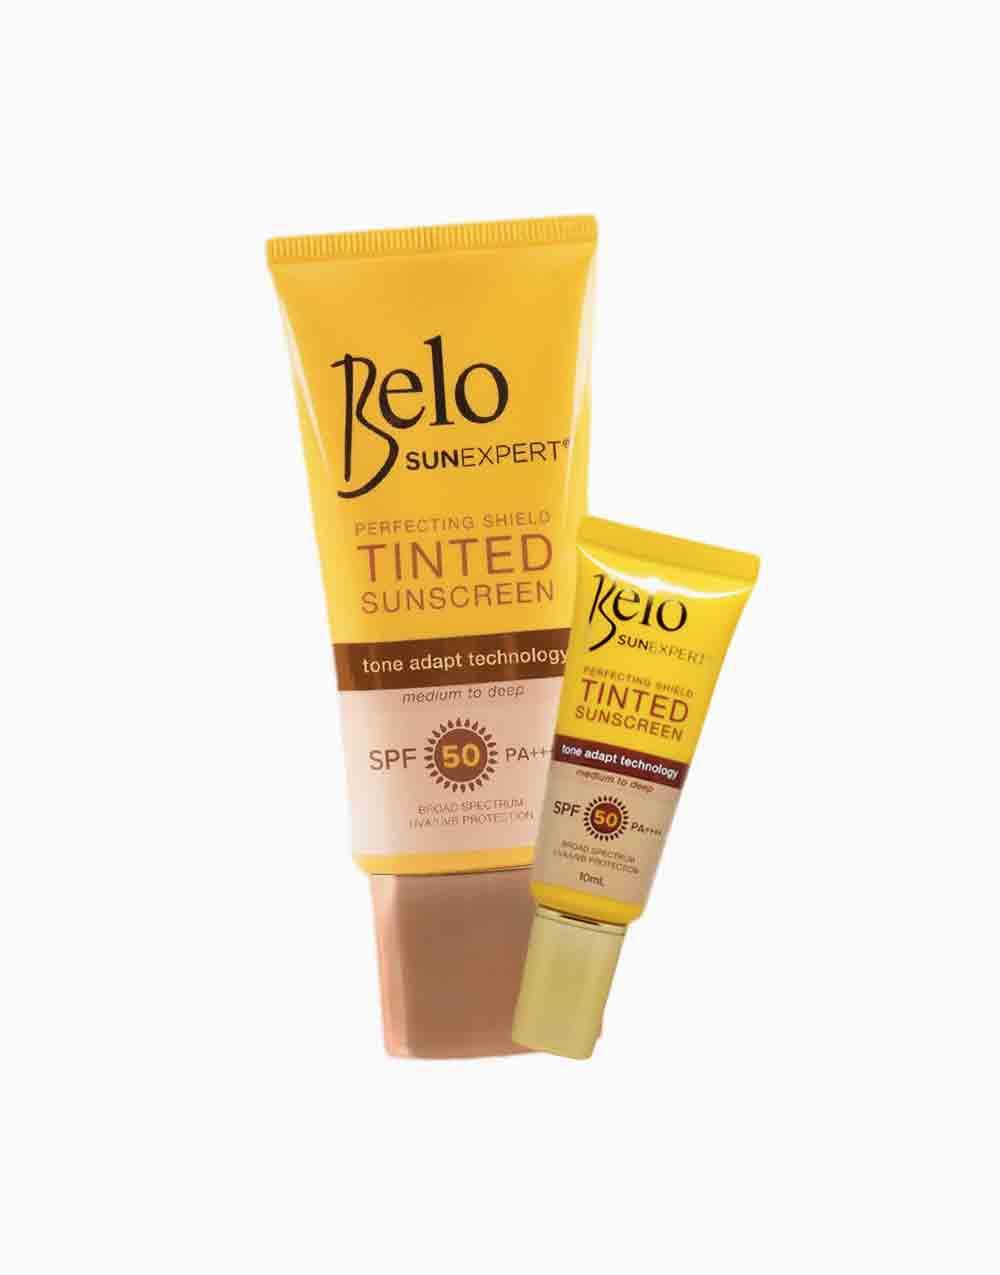 Belo SunExpert Tinted Sunscreen (50ml + FREE 10ml) by Belo